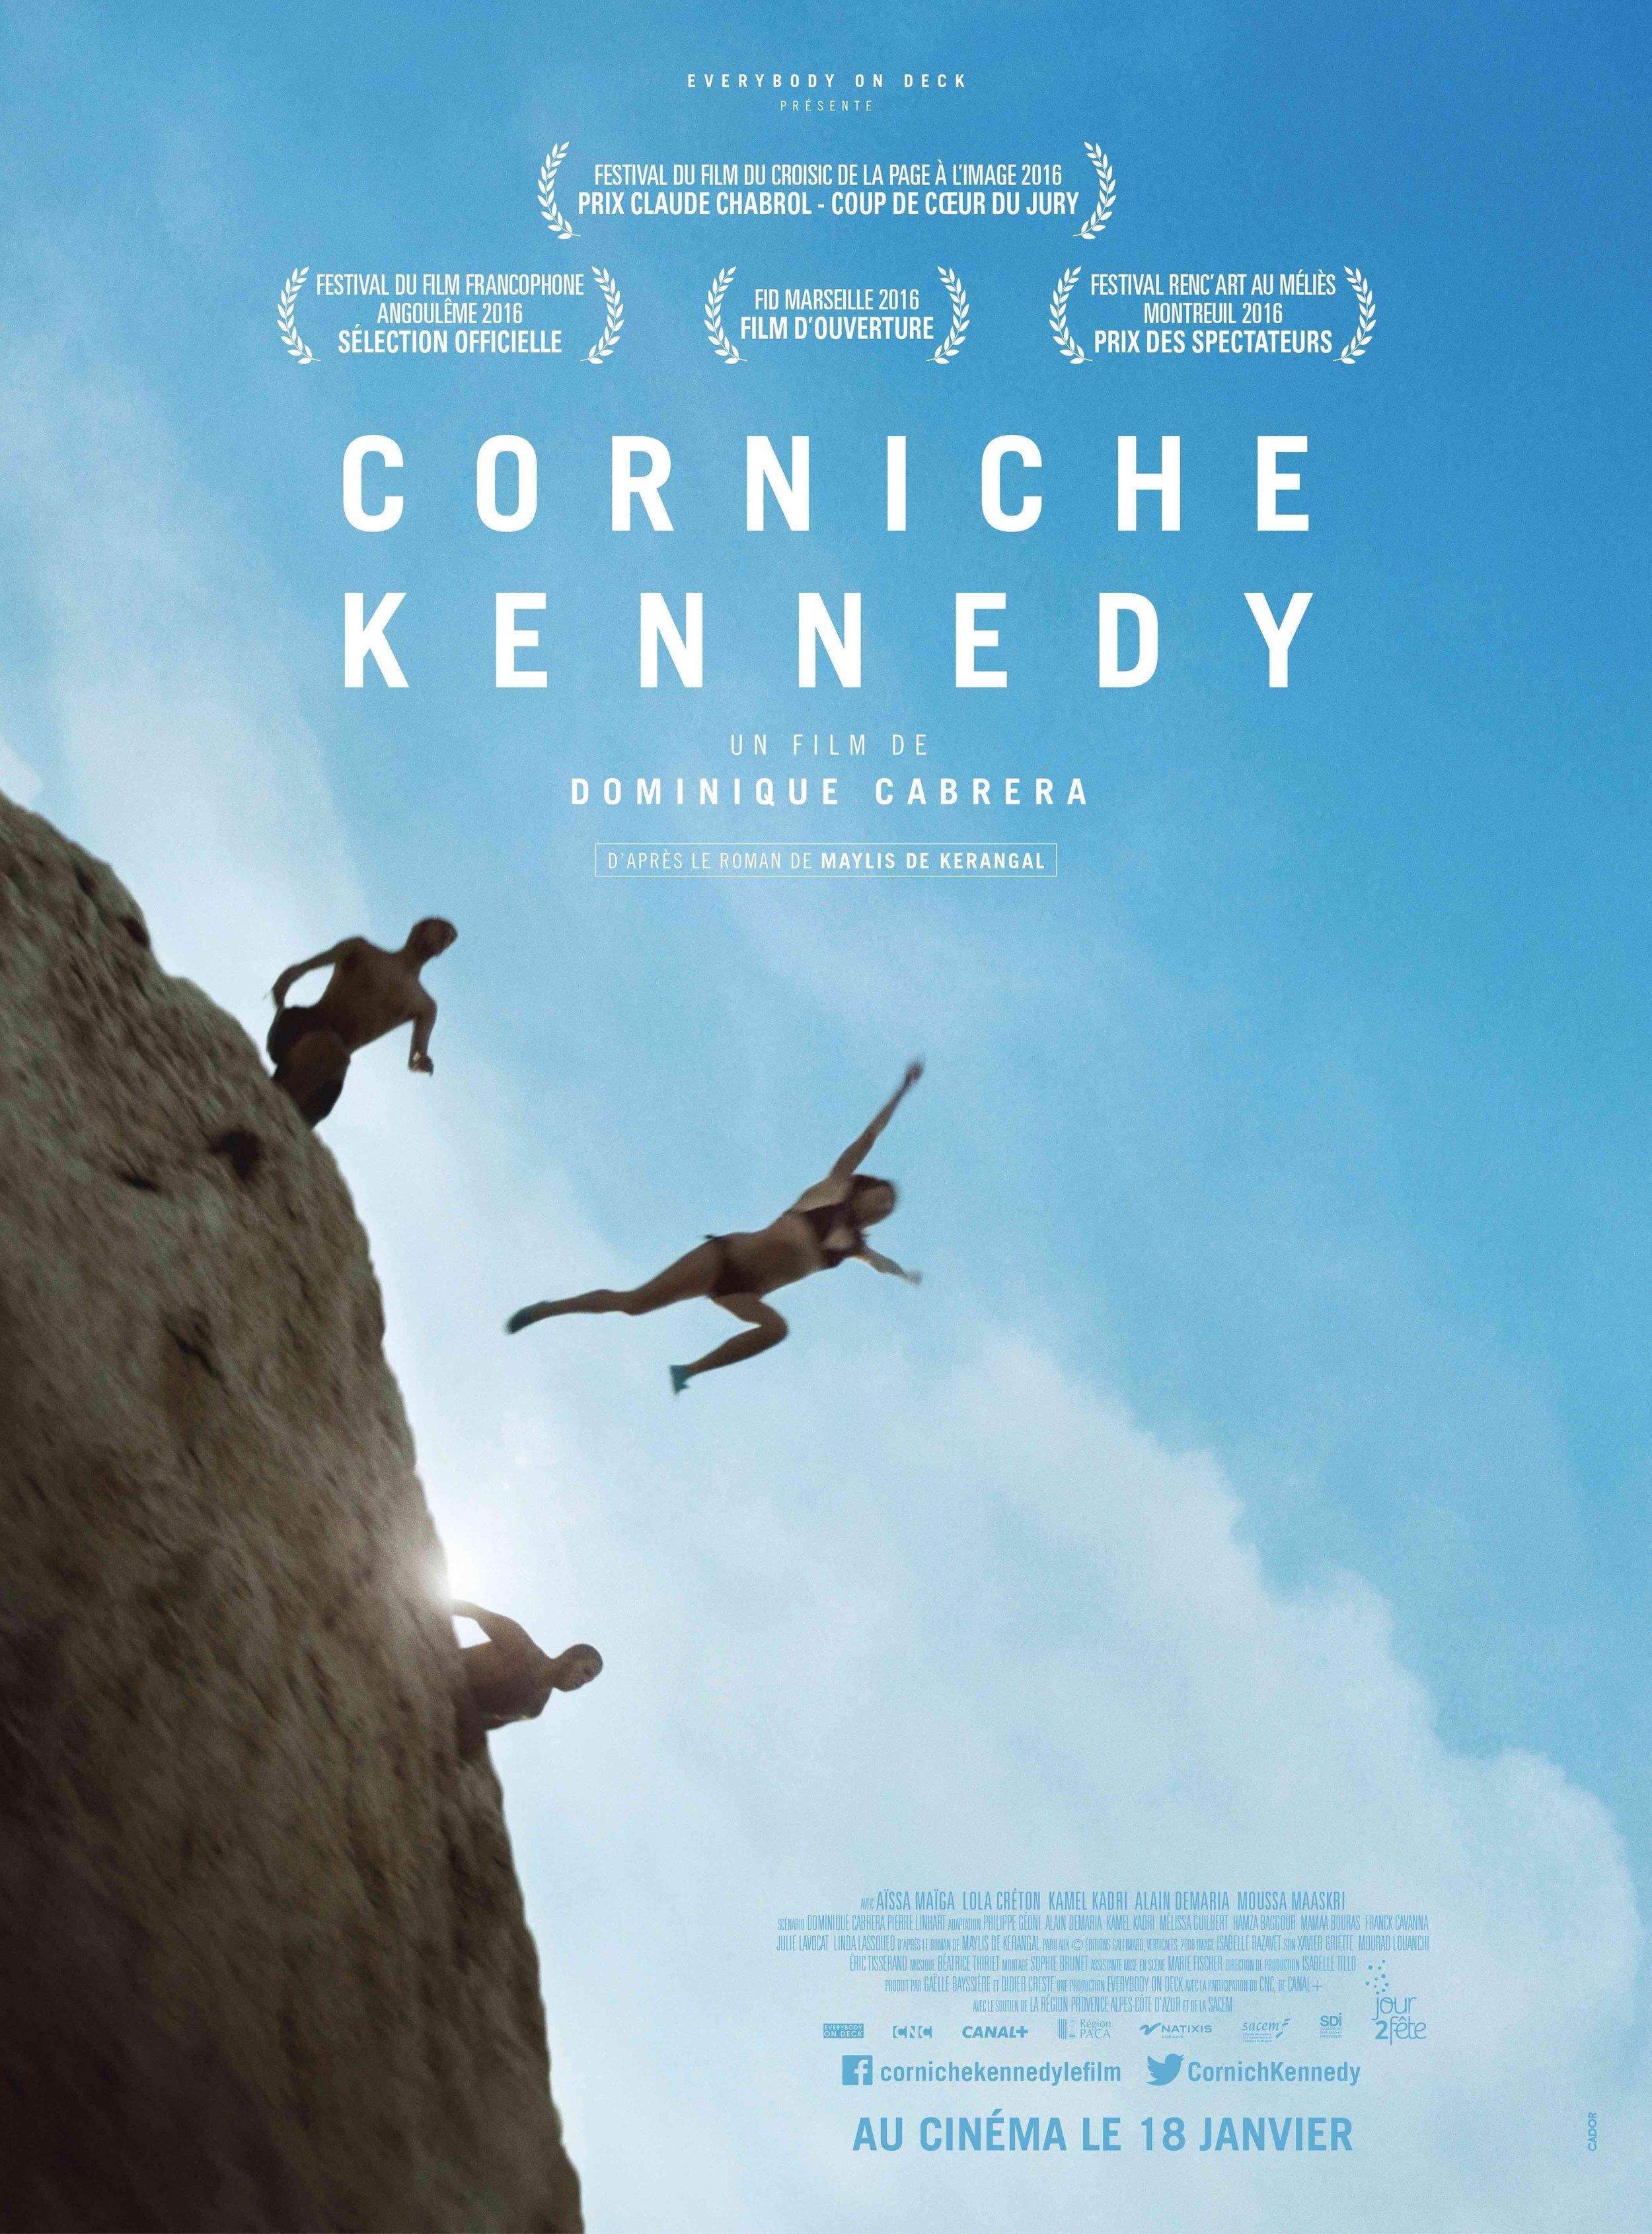 corniche-kennedy-yes-way-marseille-backstory